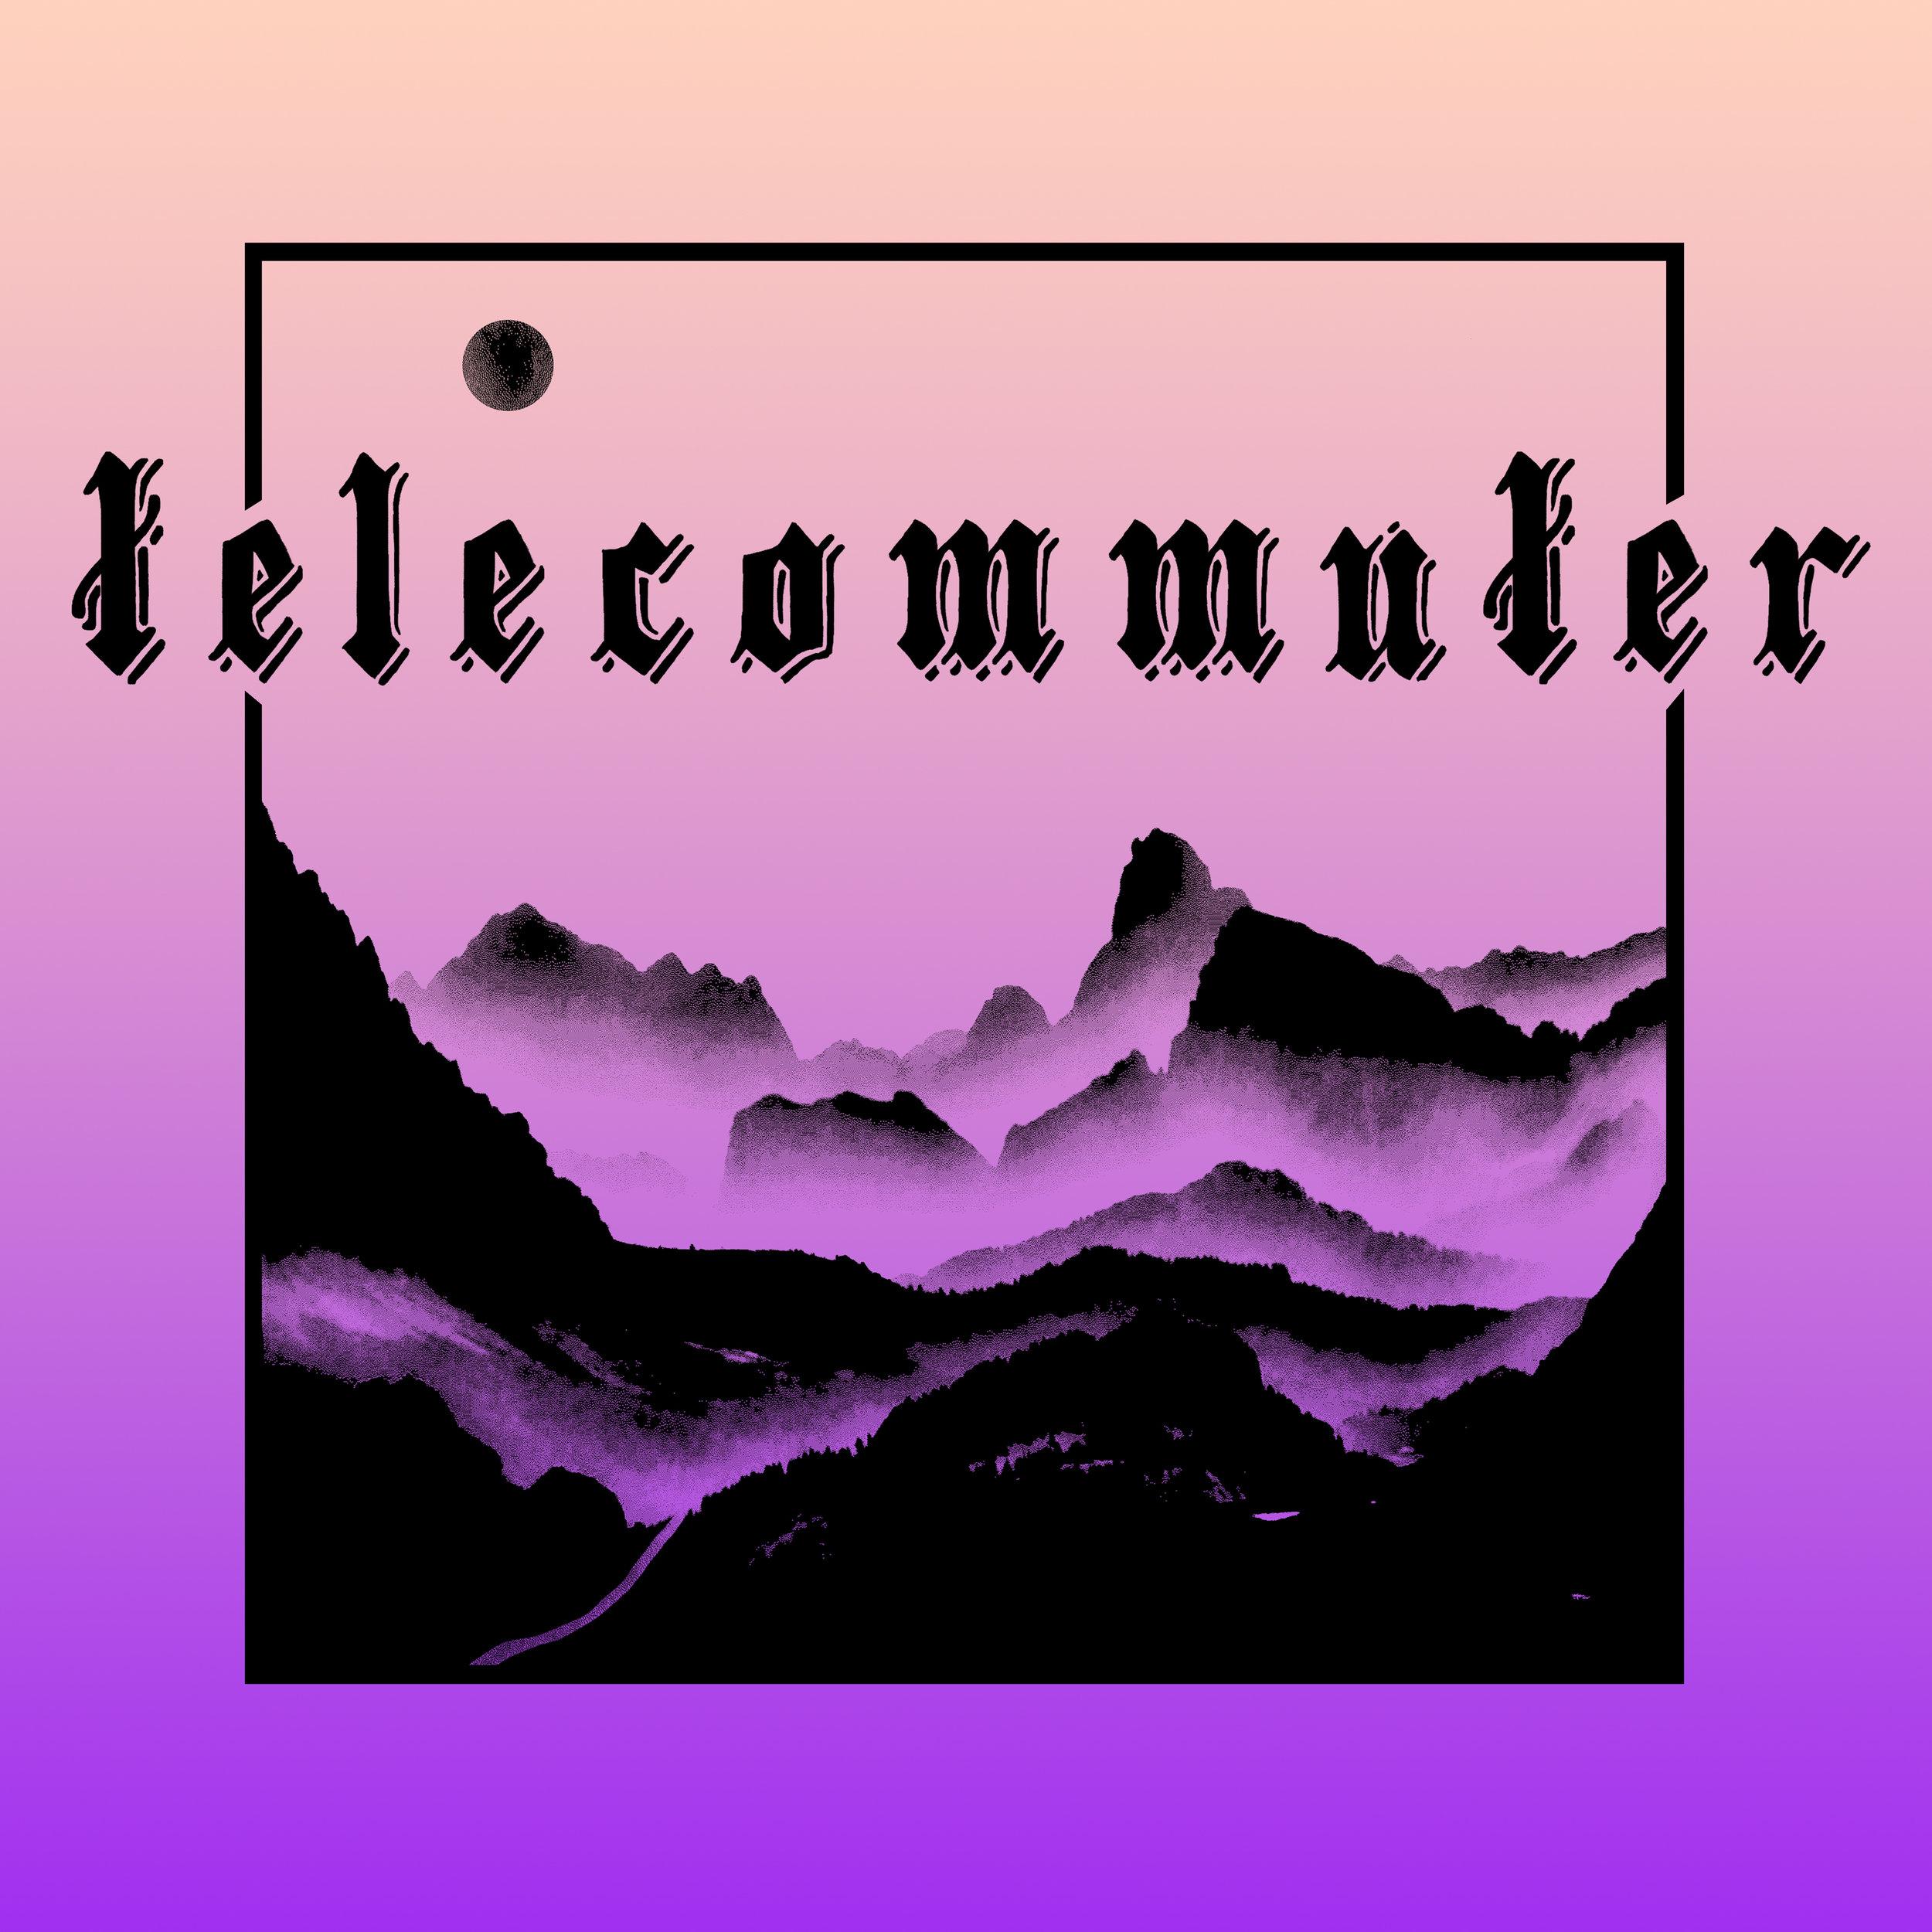 telecommuter-cgbts-web.jpg